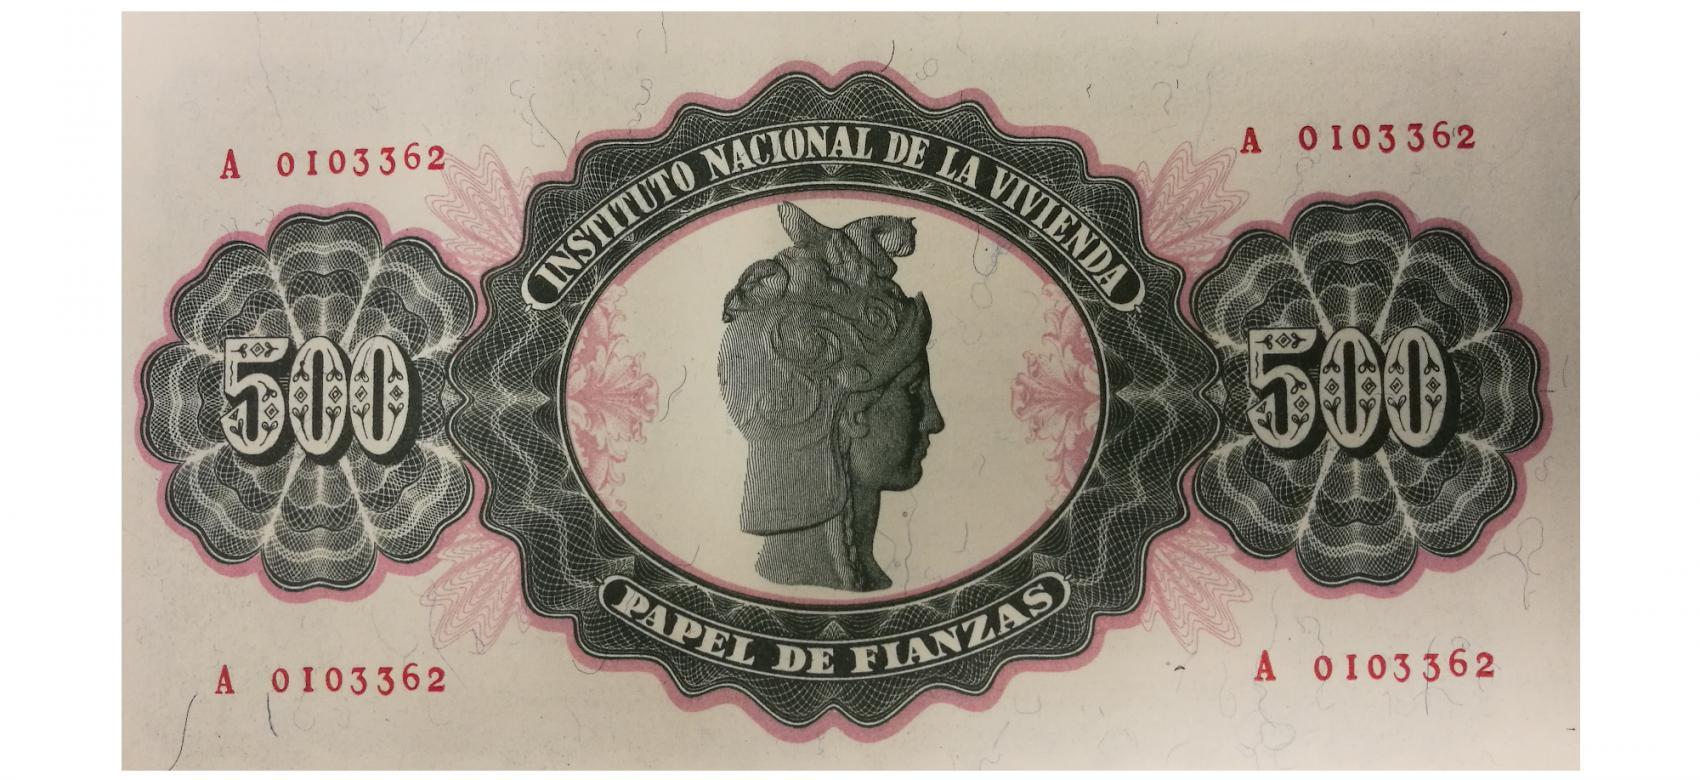 Papel de Fianzas del Estado de 500 pesetas emitidos en 1940